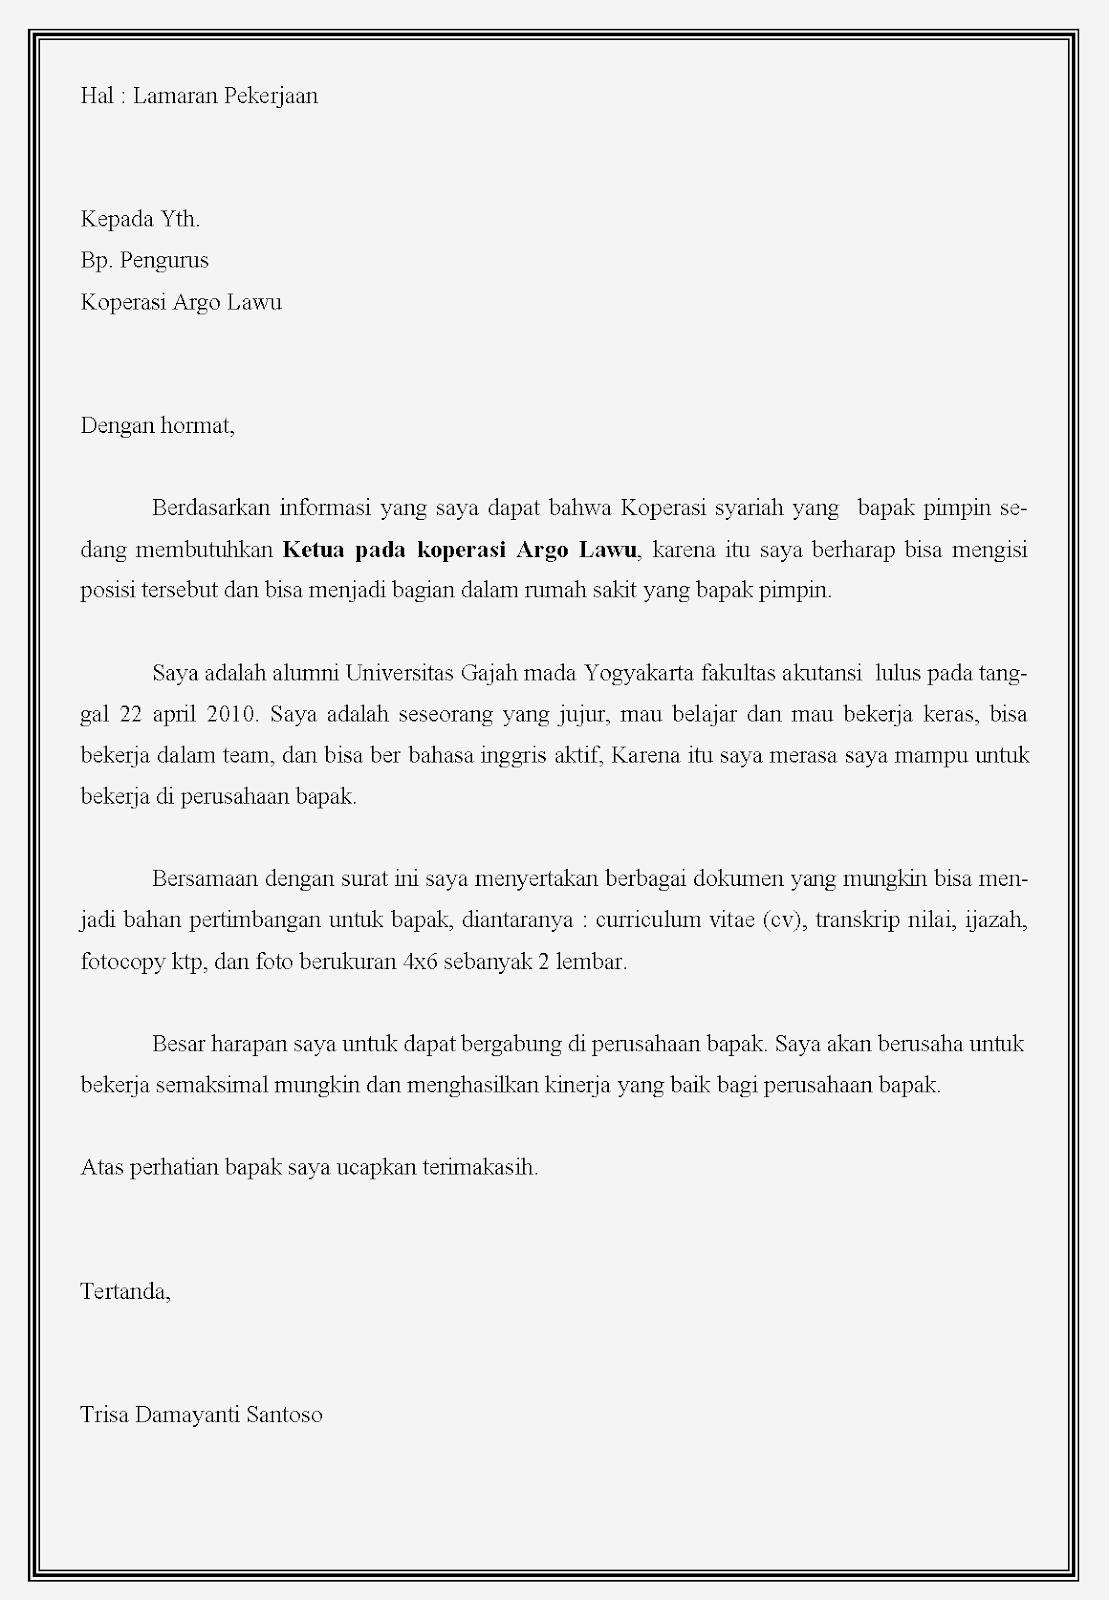 Contoh surat lamaran kerja Koperasi sebagai ketua